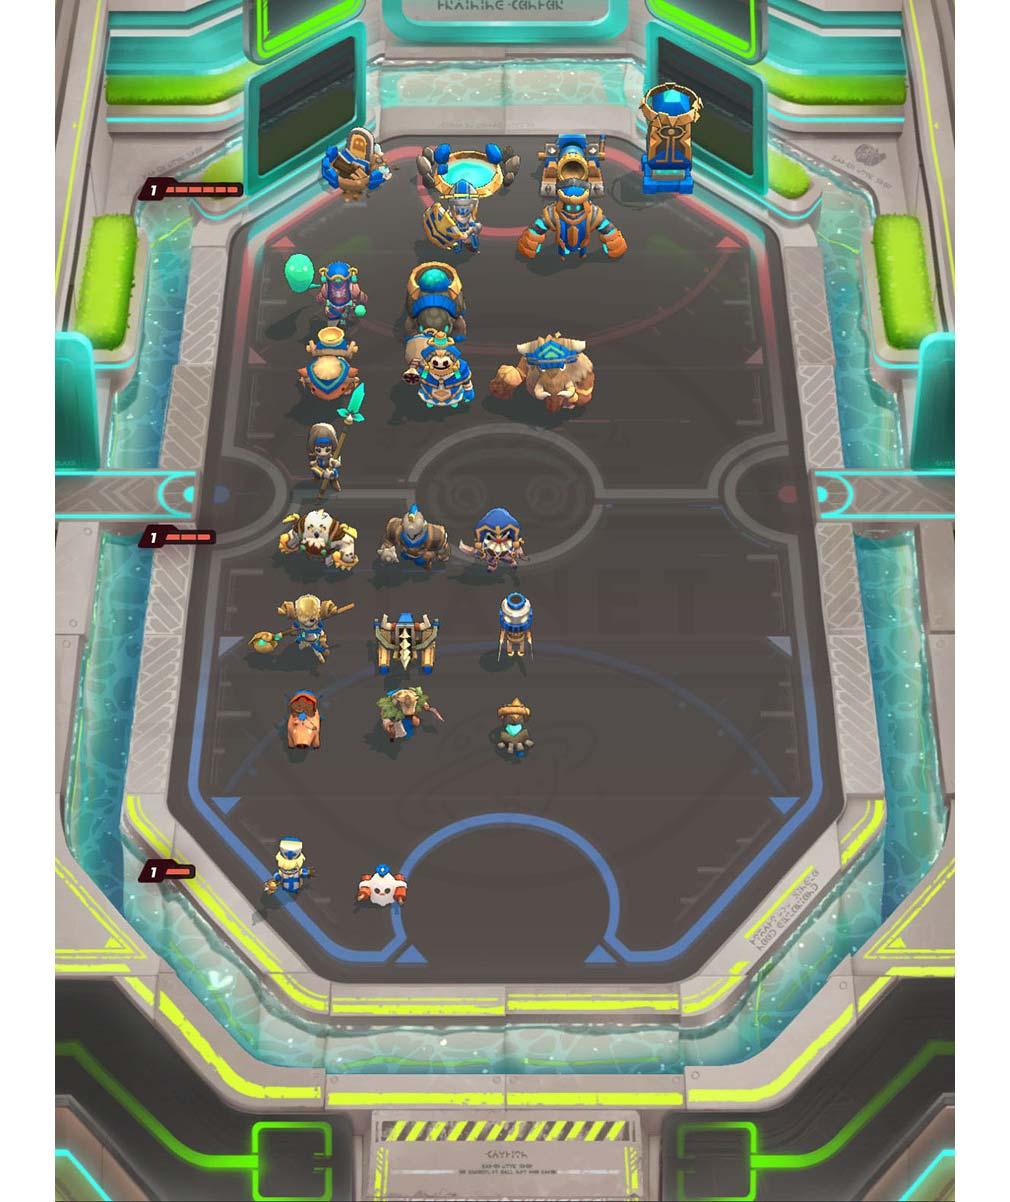 Soul of Eden(ソウル オブ エデン) フィールド上でも迅速にユニットのHPが確認できるスクリーンショット